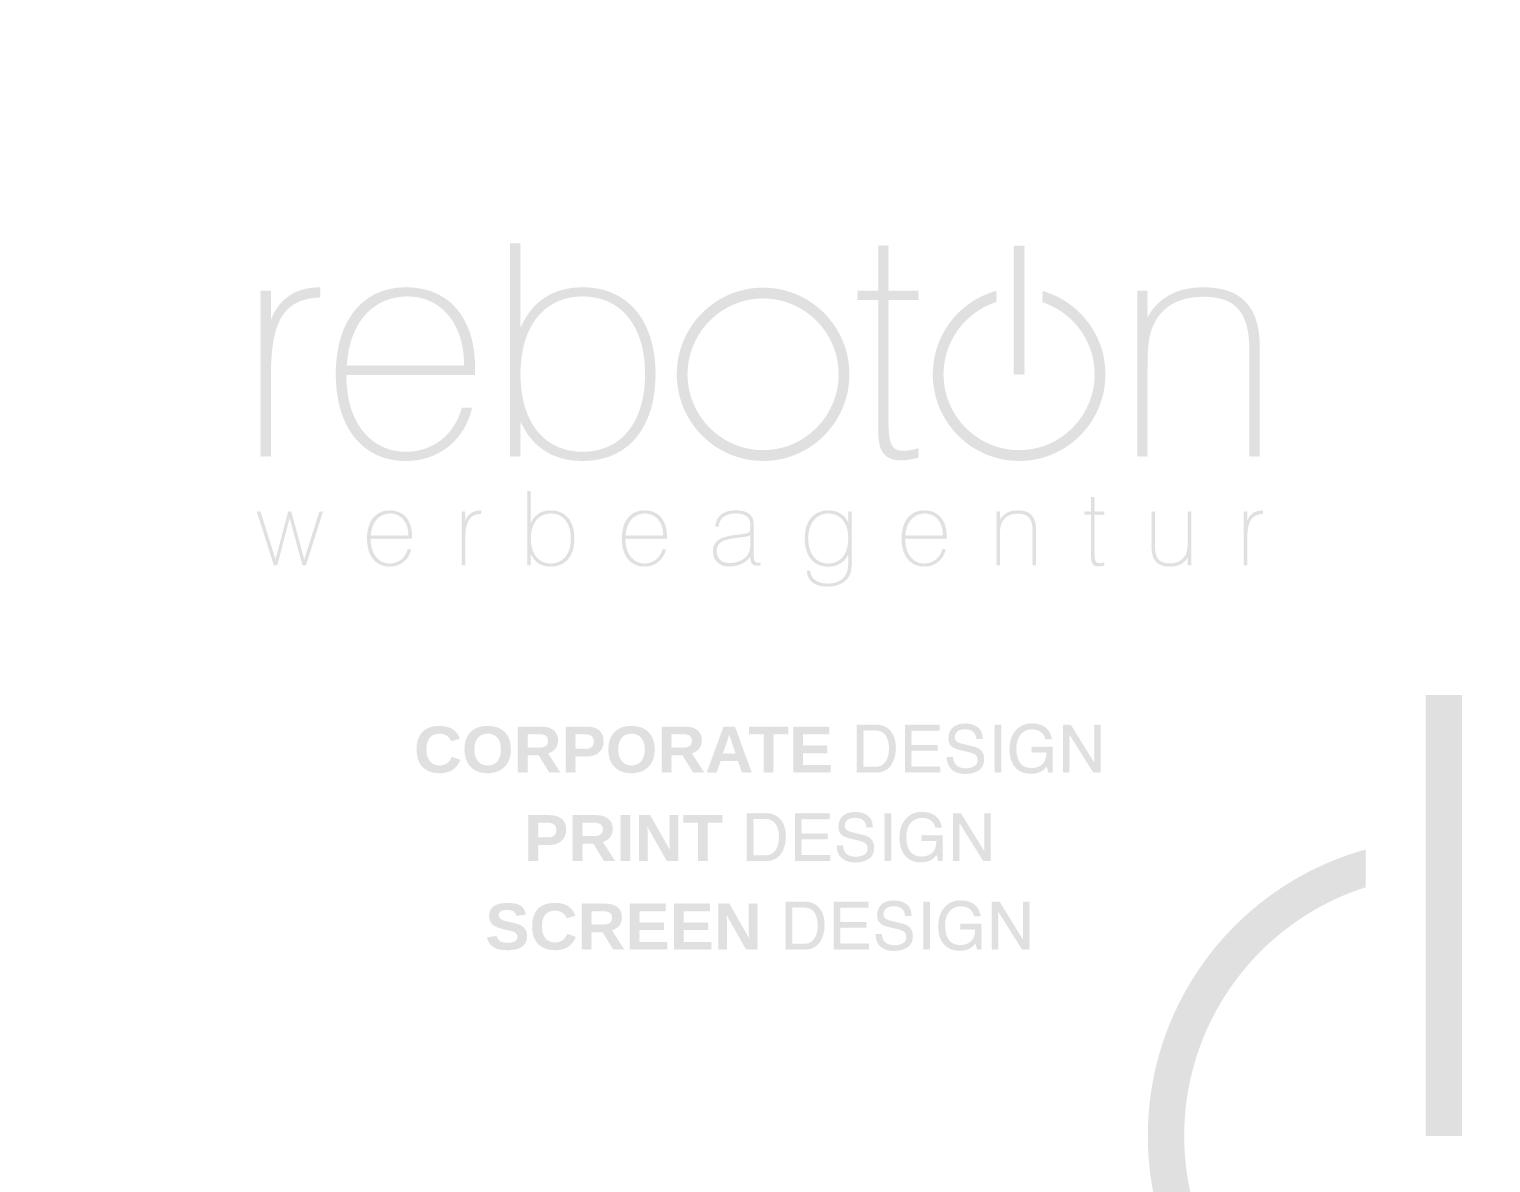 reboton